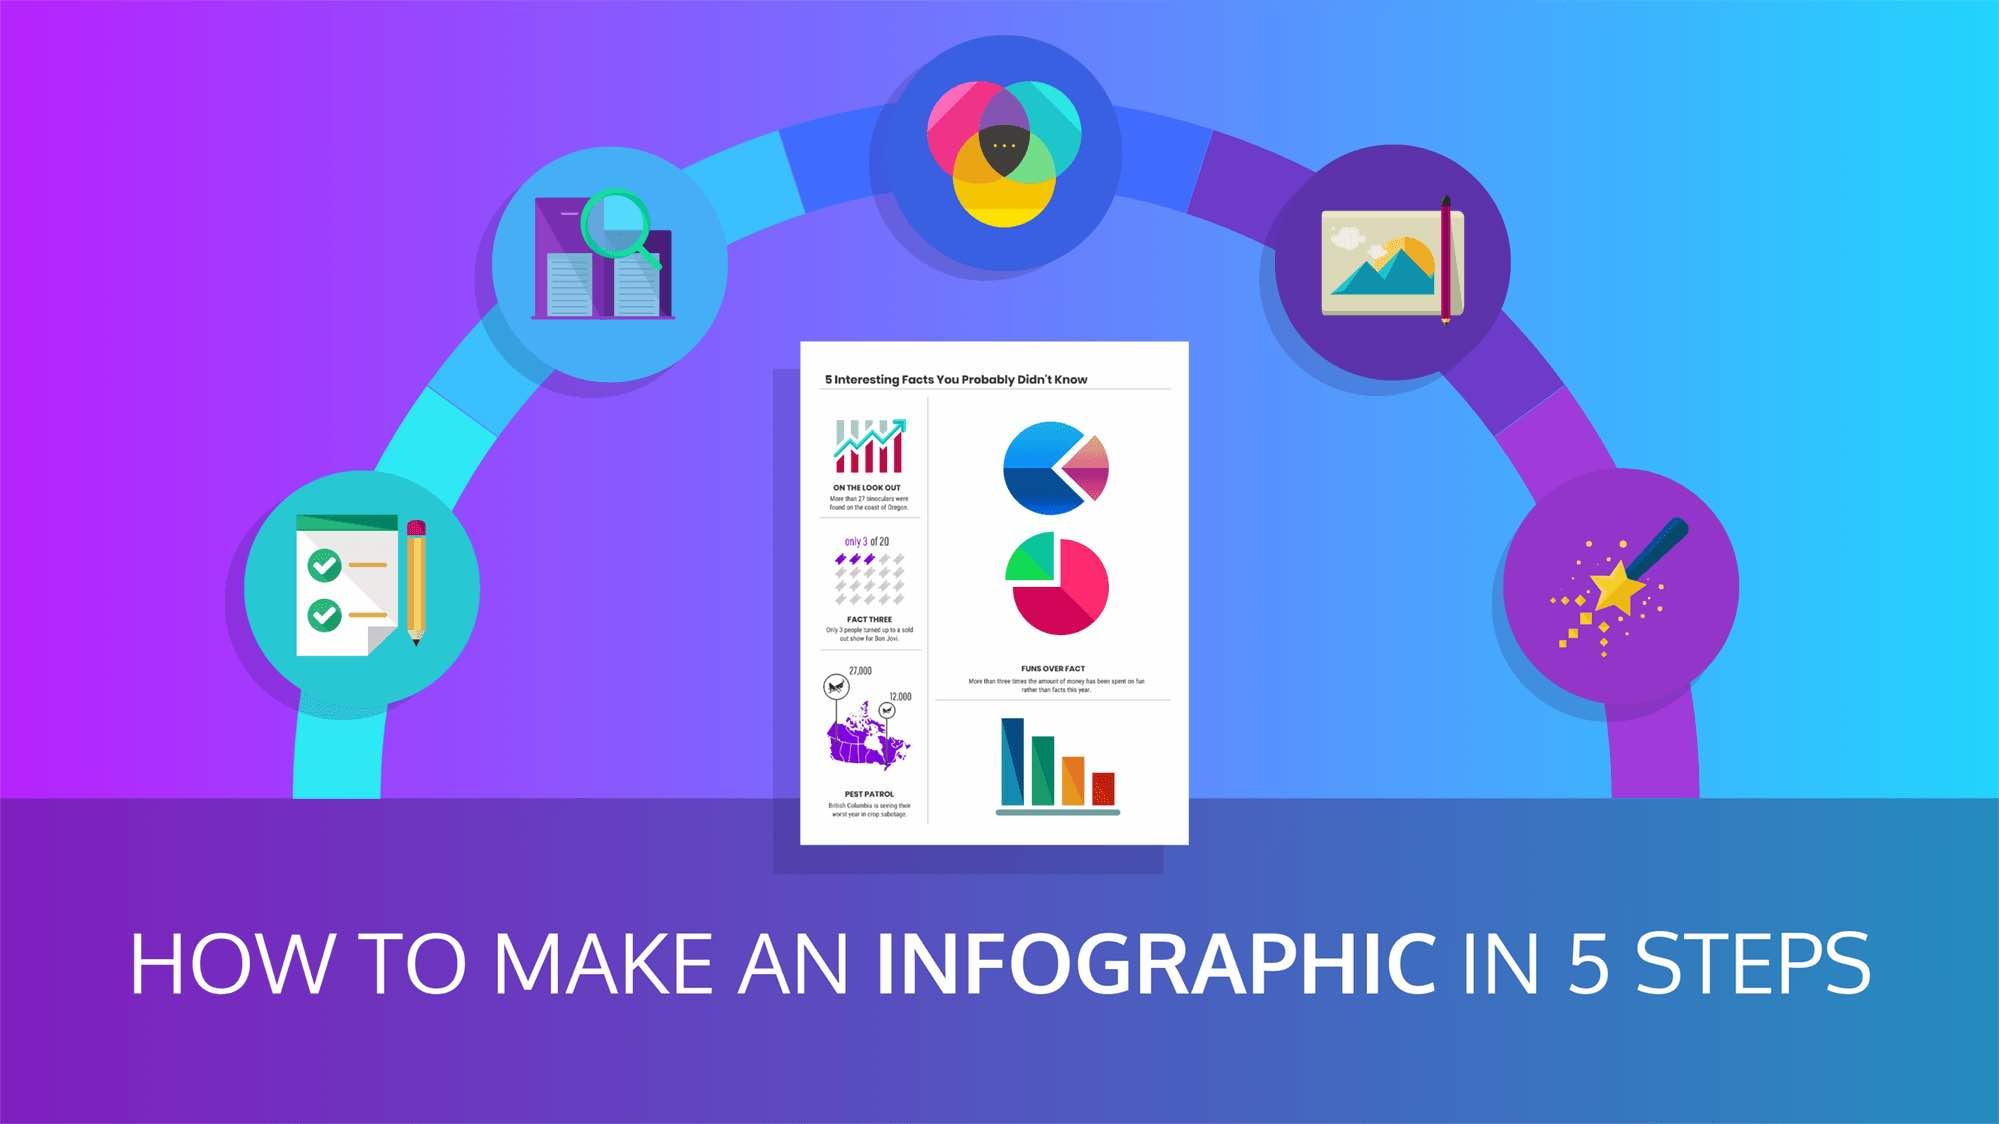 kuinka-tehdä-infograafi-viidessä-askeleessa-blogin-otsikko